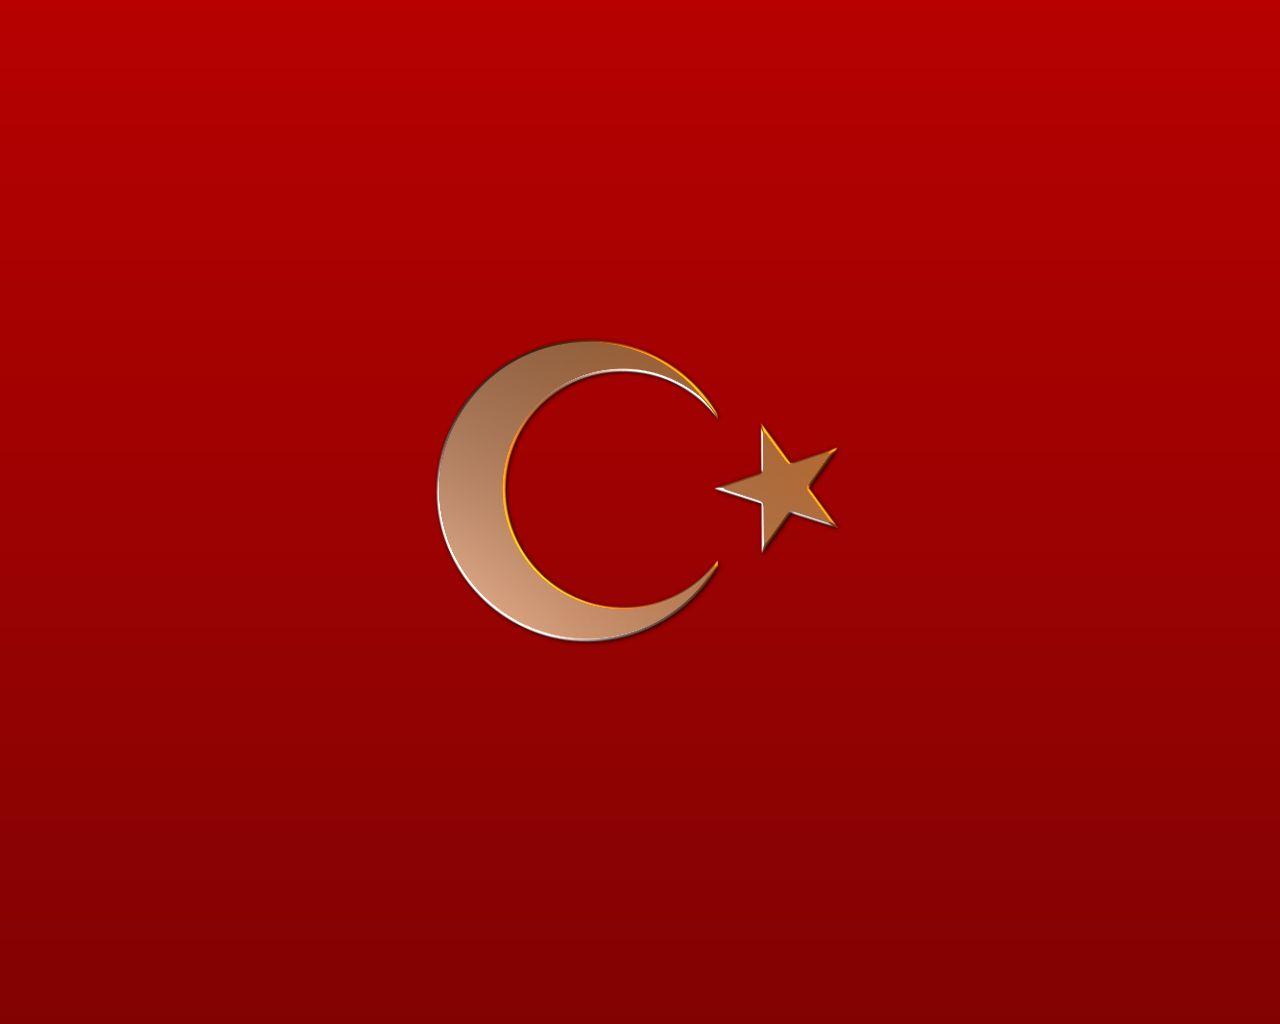 Elazığ Bayrak İmalatı ve Bayrak Üretimi